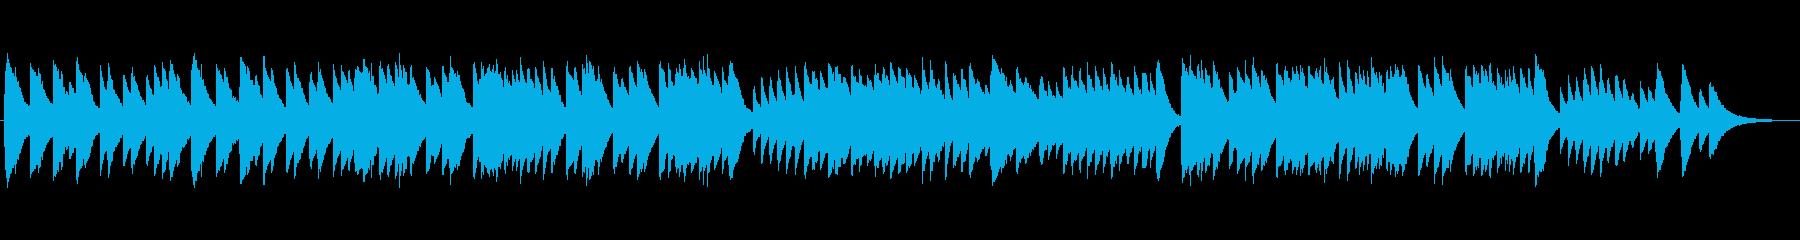 癒しのオルゴール/赤ちゃん/ペット/映像の再生済みの波形